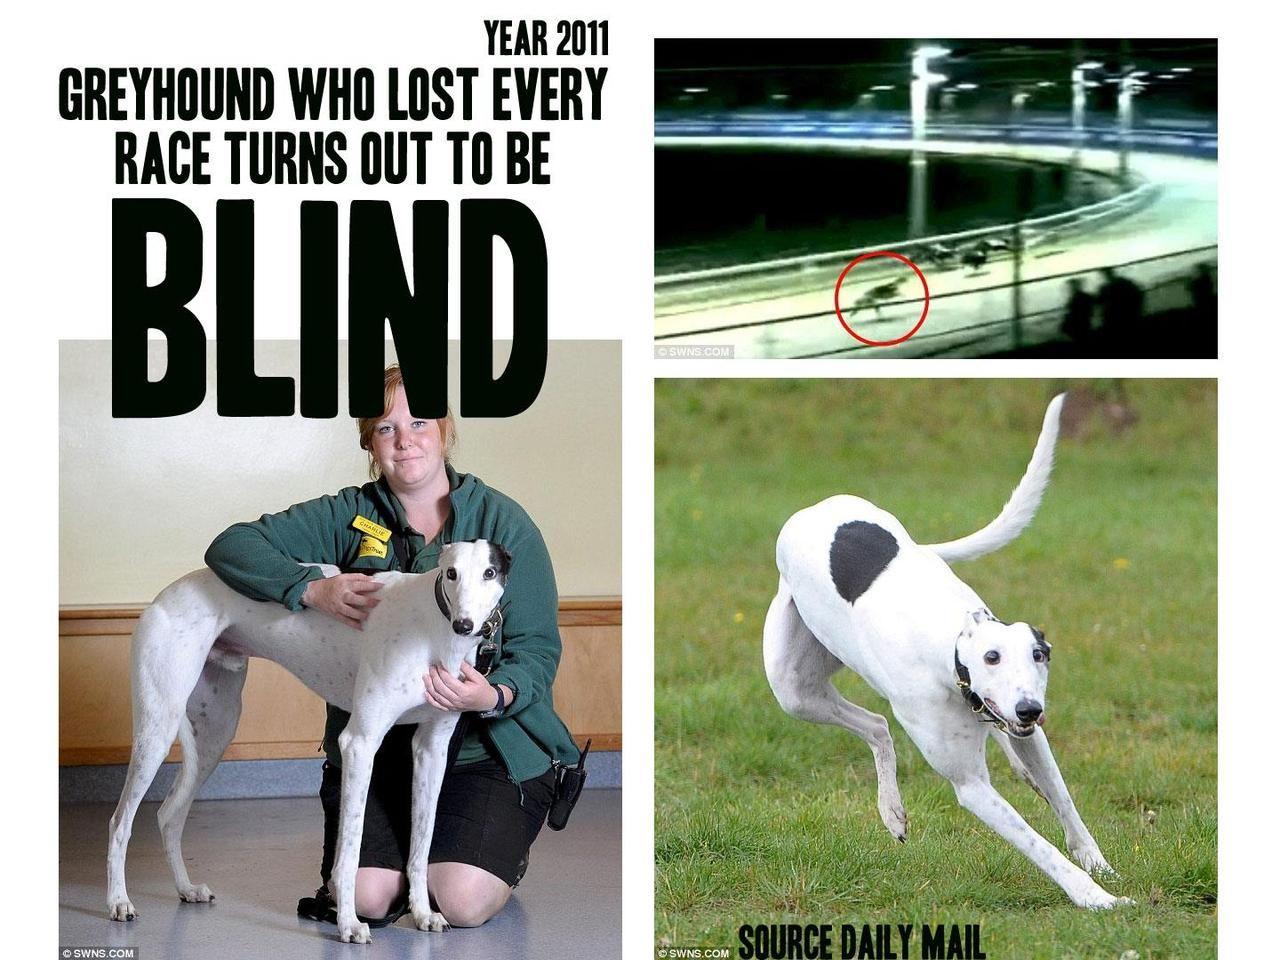 Greyhound, Greyhounds racing